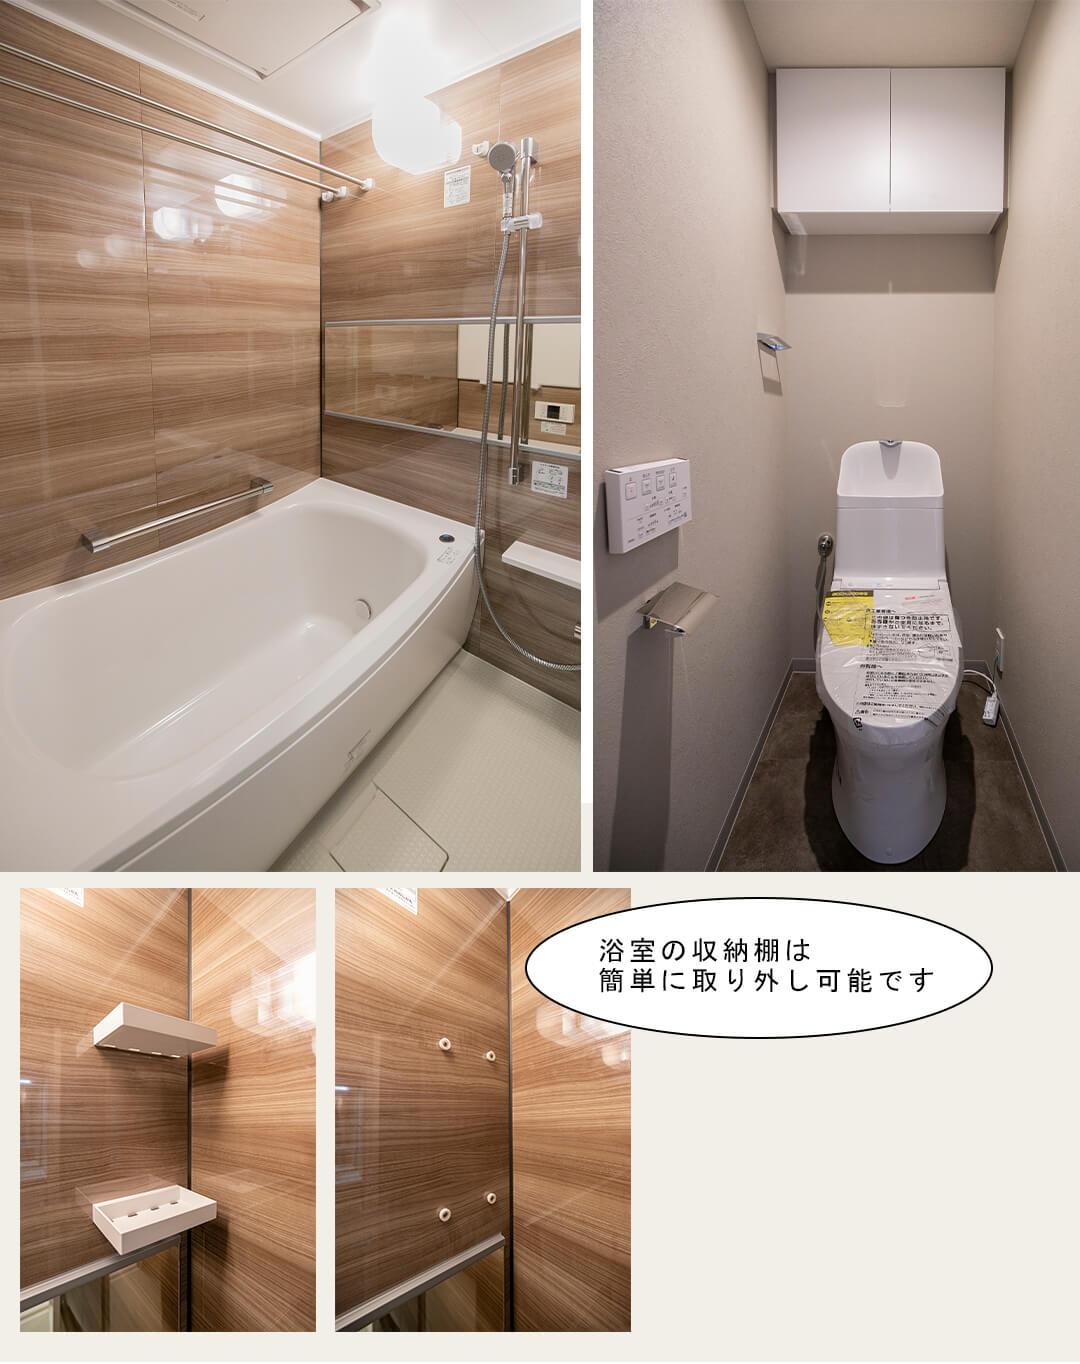 松原センターハイツの浴室とトイレ